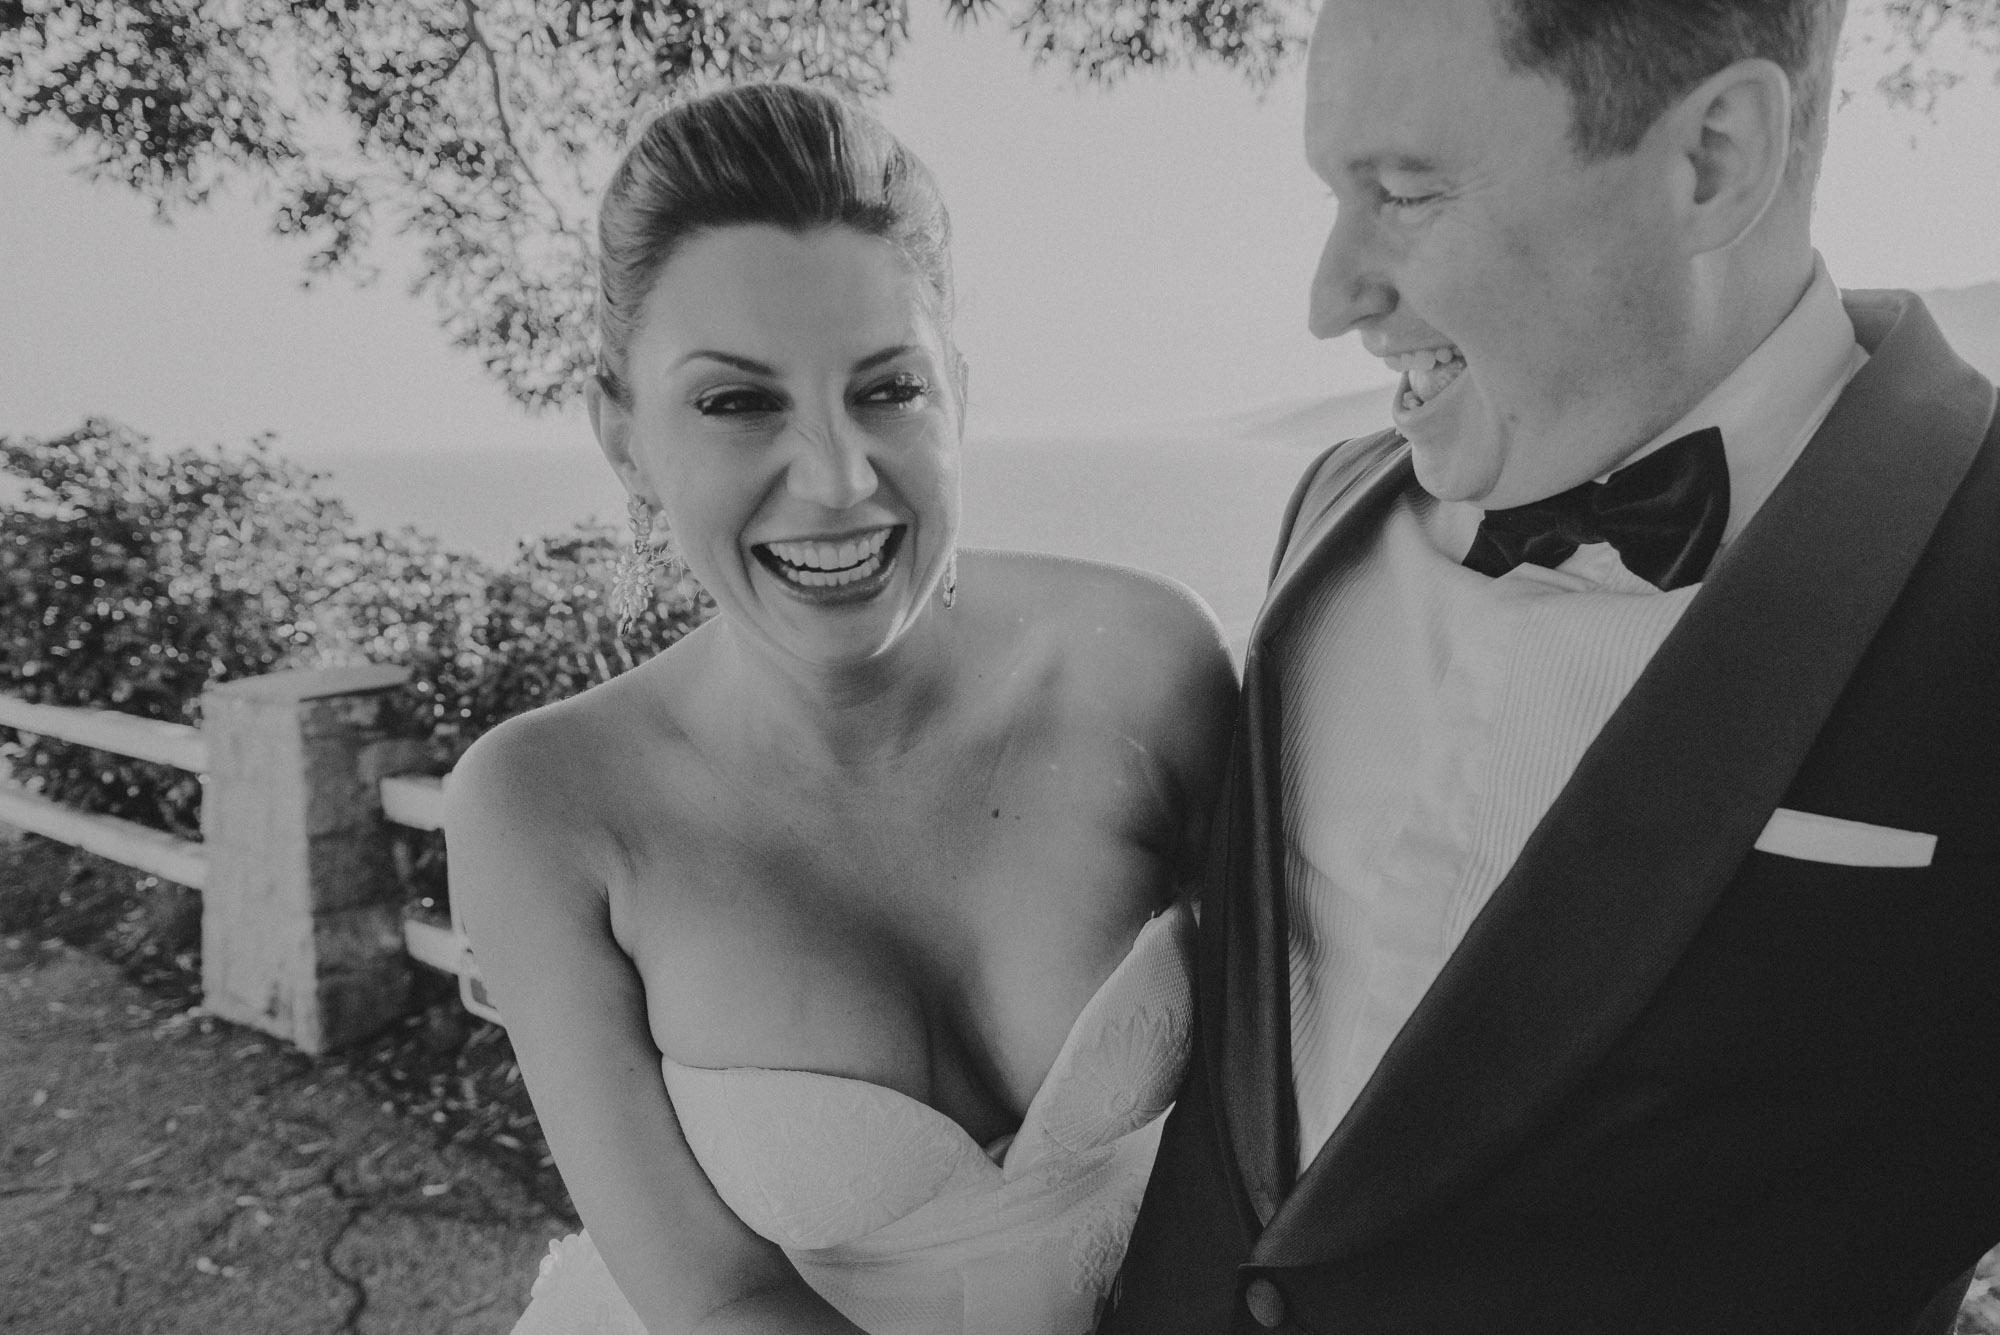 Ebony-Jason-Wedding-Indulge-Magazine-10-of-16.jpg